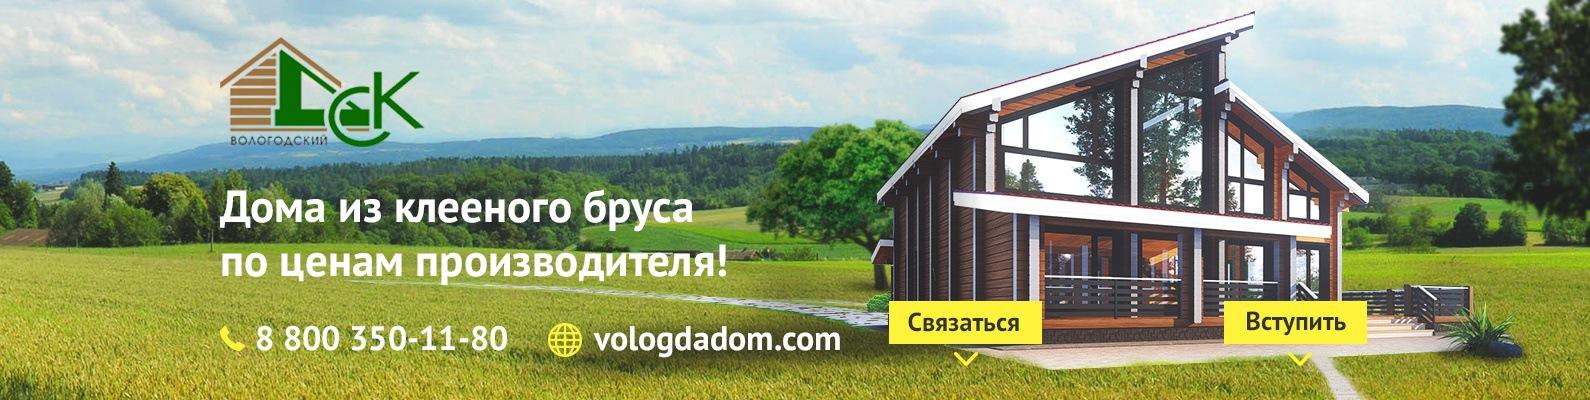 вас дом из клееного бруса цена вологодская область тренер сборной России